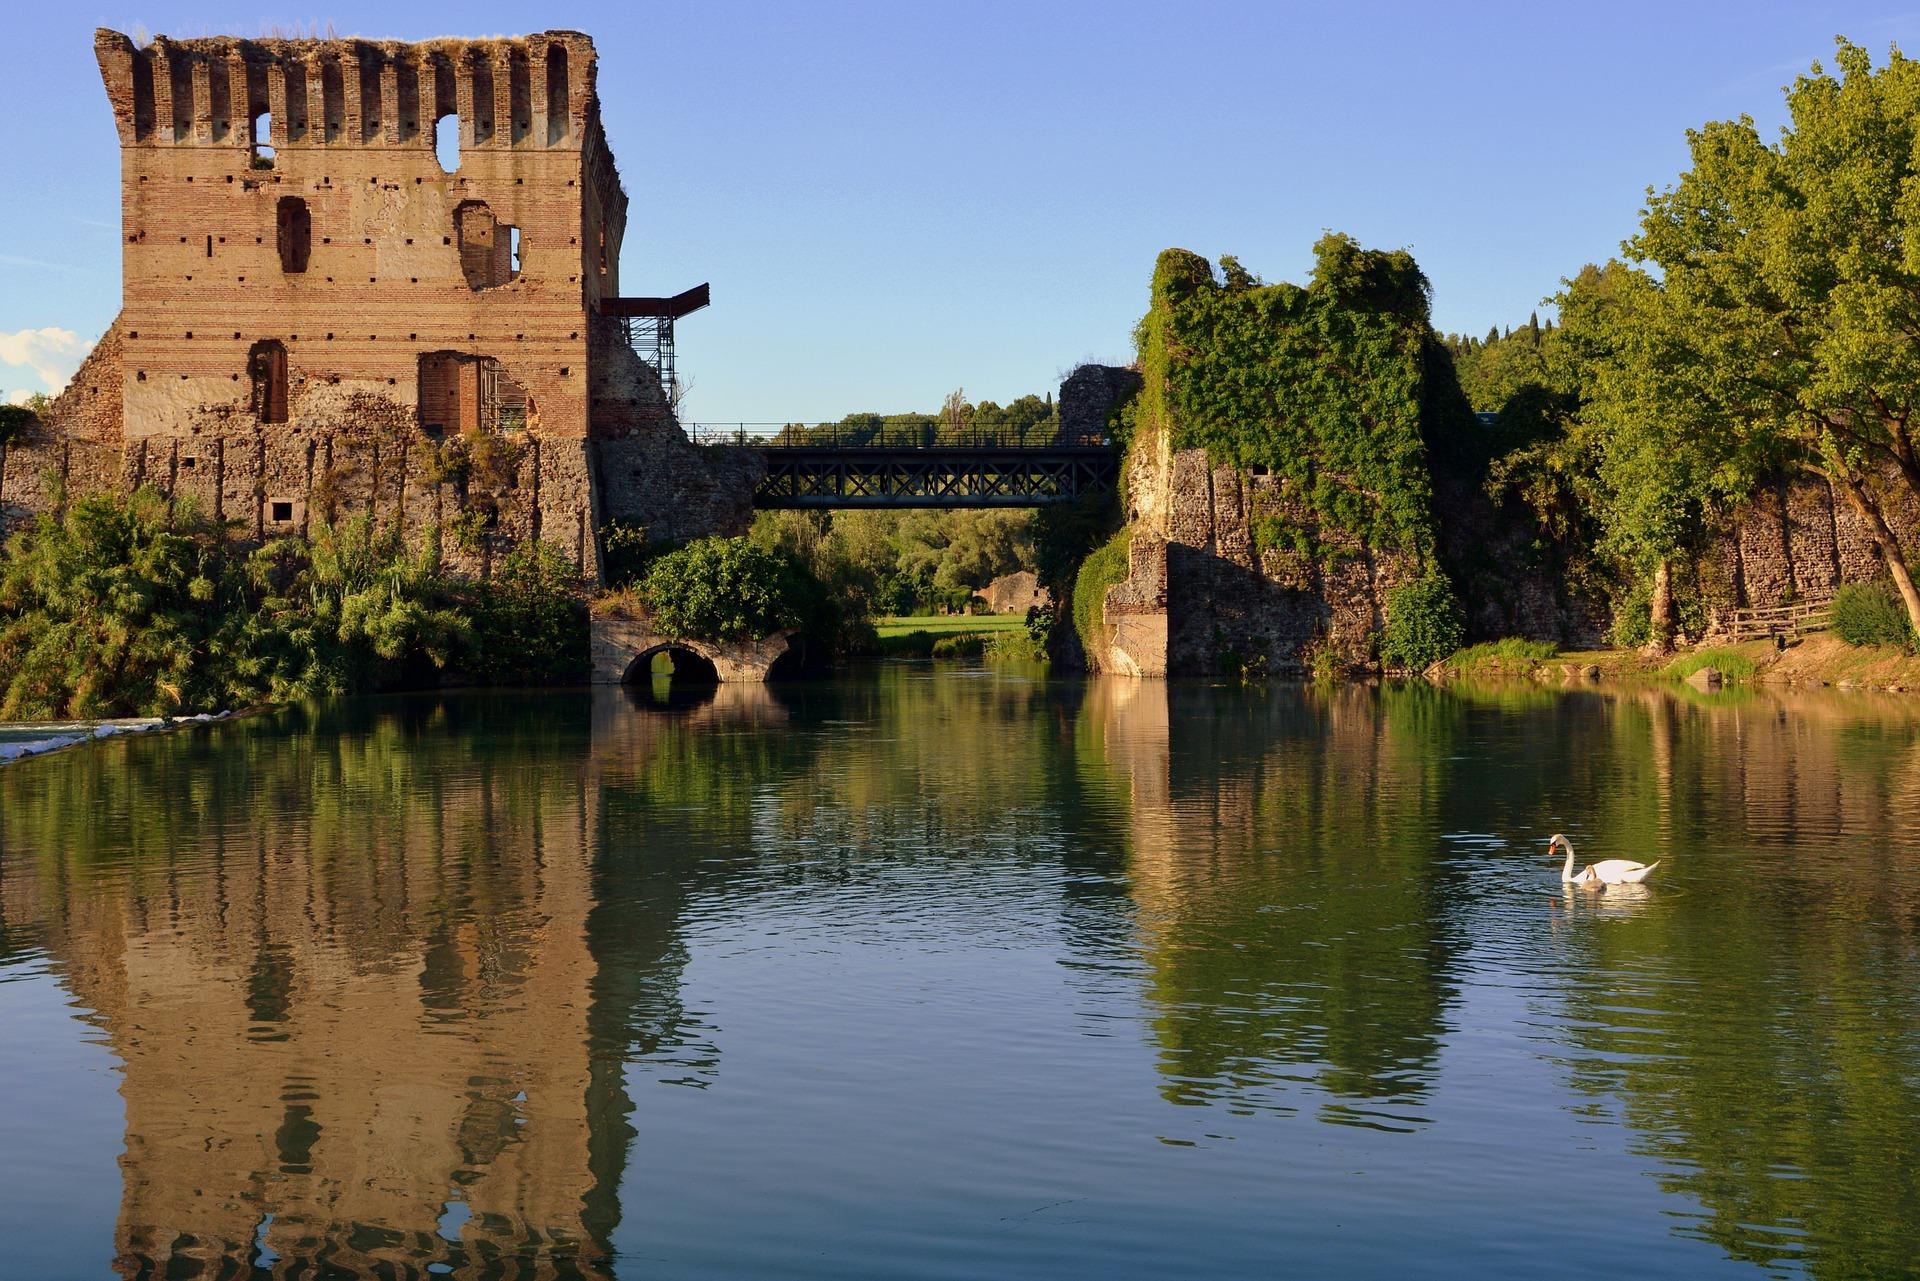 La bellissima ciclabile Peschiera-Mantova e i suoi paesaggi